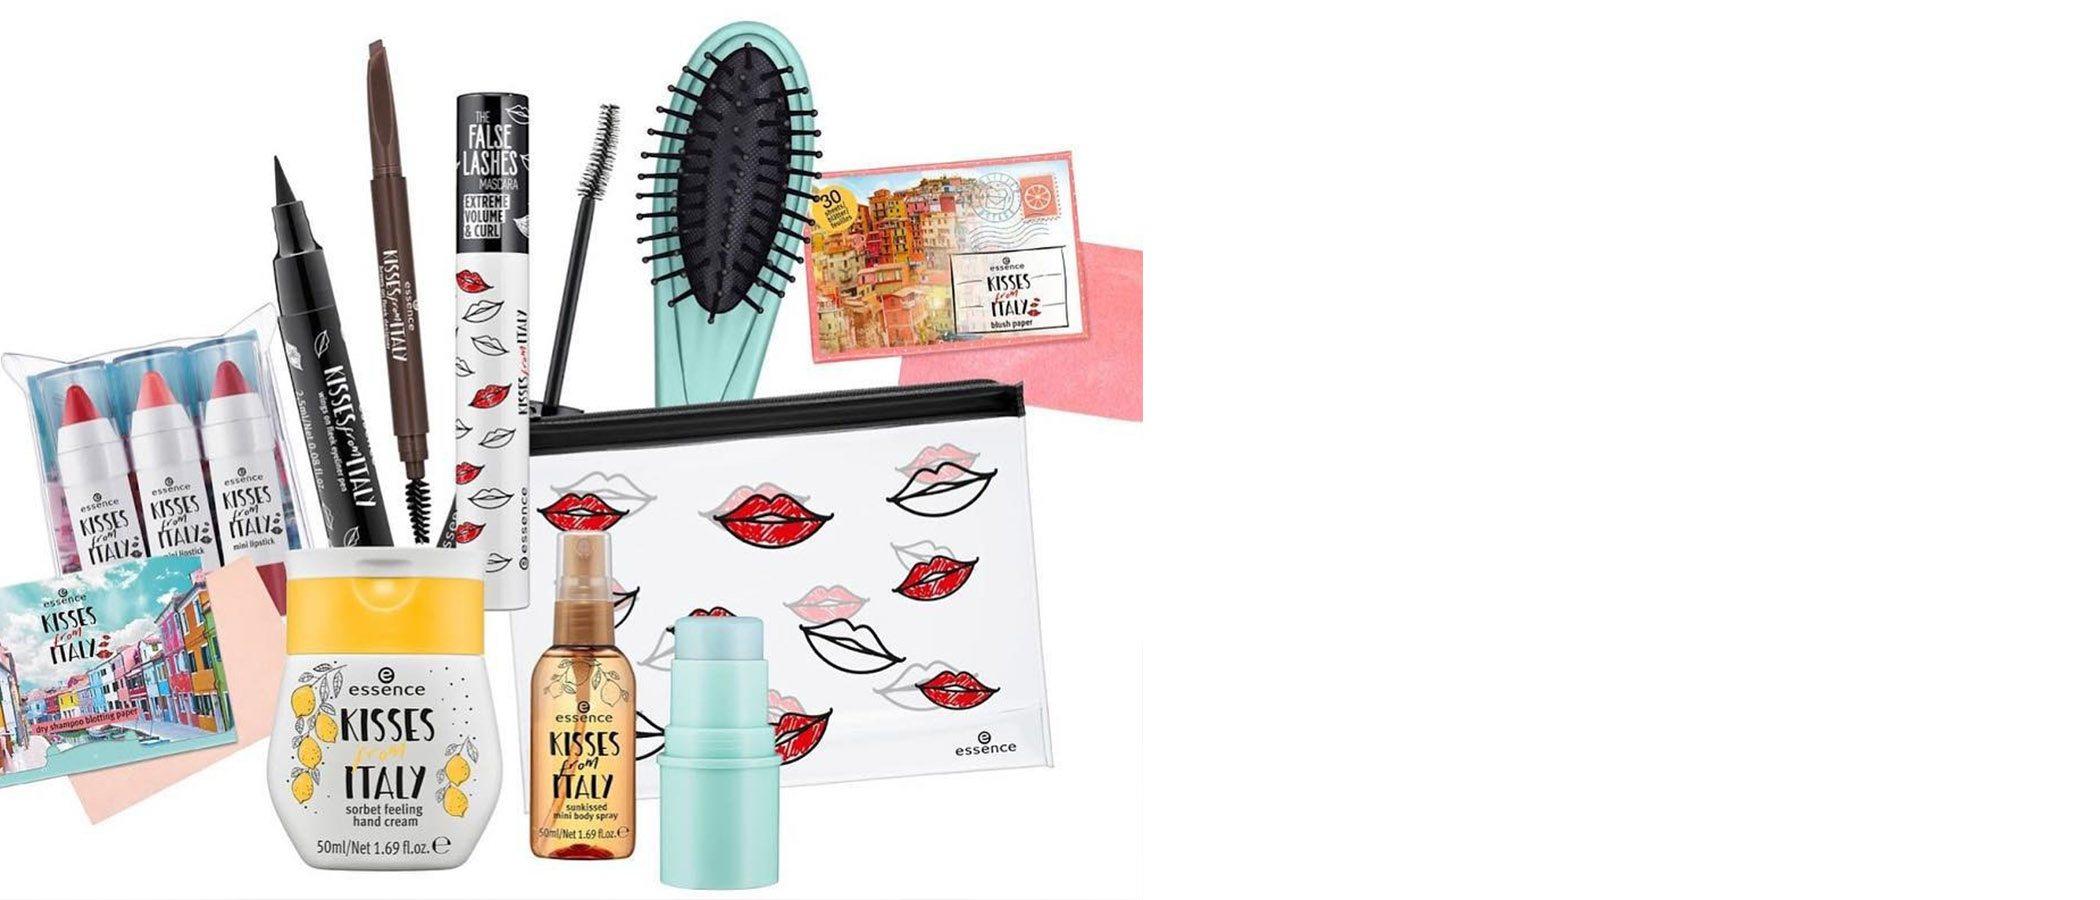 La nueva colección 'Kisses from Italy', de Essence, trae novedades únicas para un maquillaje ideal de verano